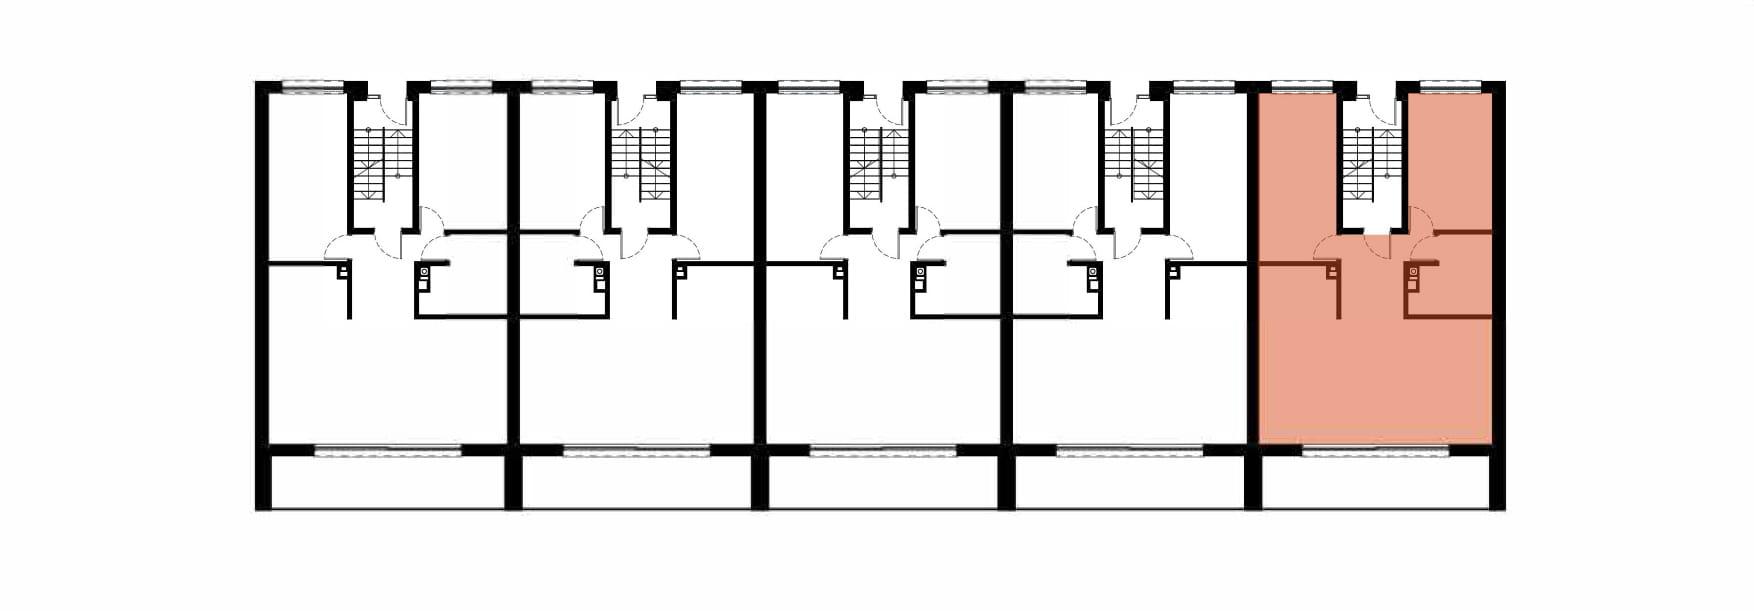 Apartamenty Kamienna / apartamenty inwestycyjne 5A rzut 2